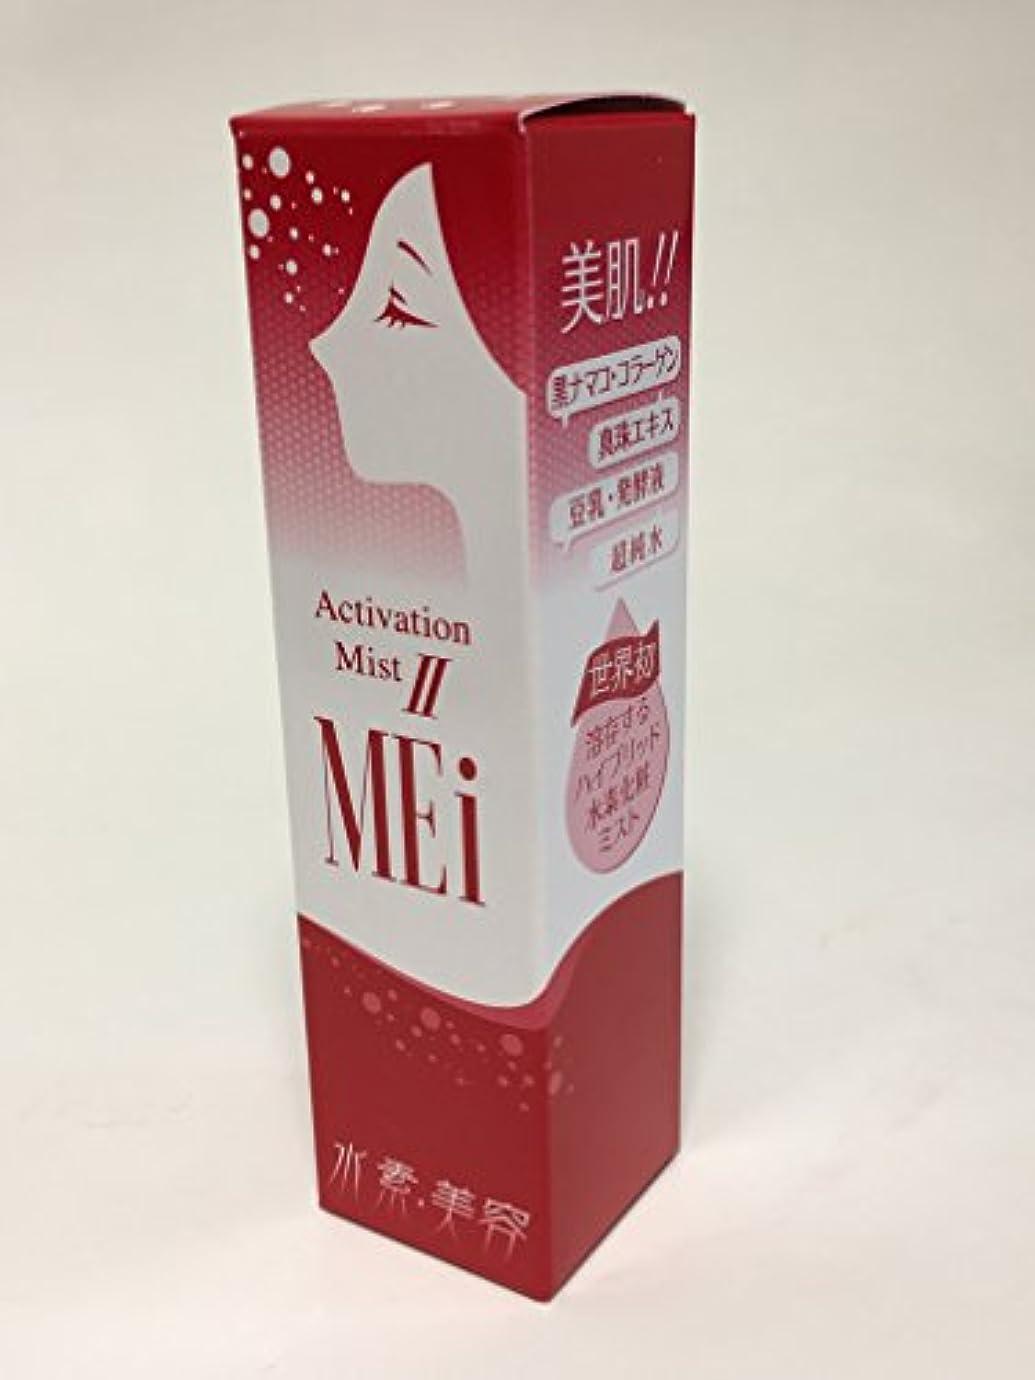 咲くボアミスペンド水素美容ミスト KAKURA アクテイベーションミストⅡ「MEi」50ml SP式